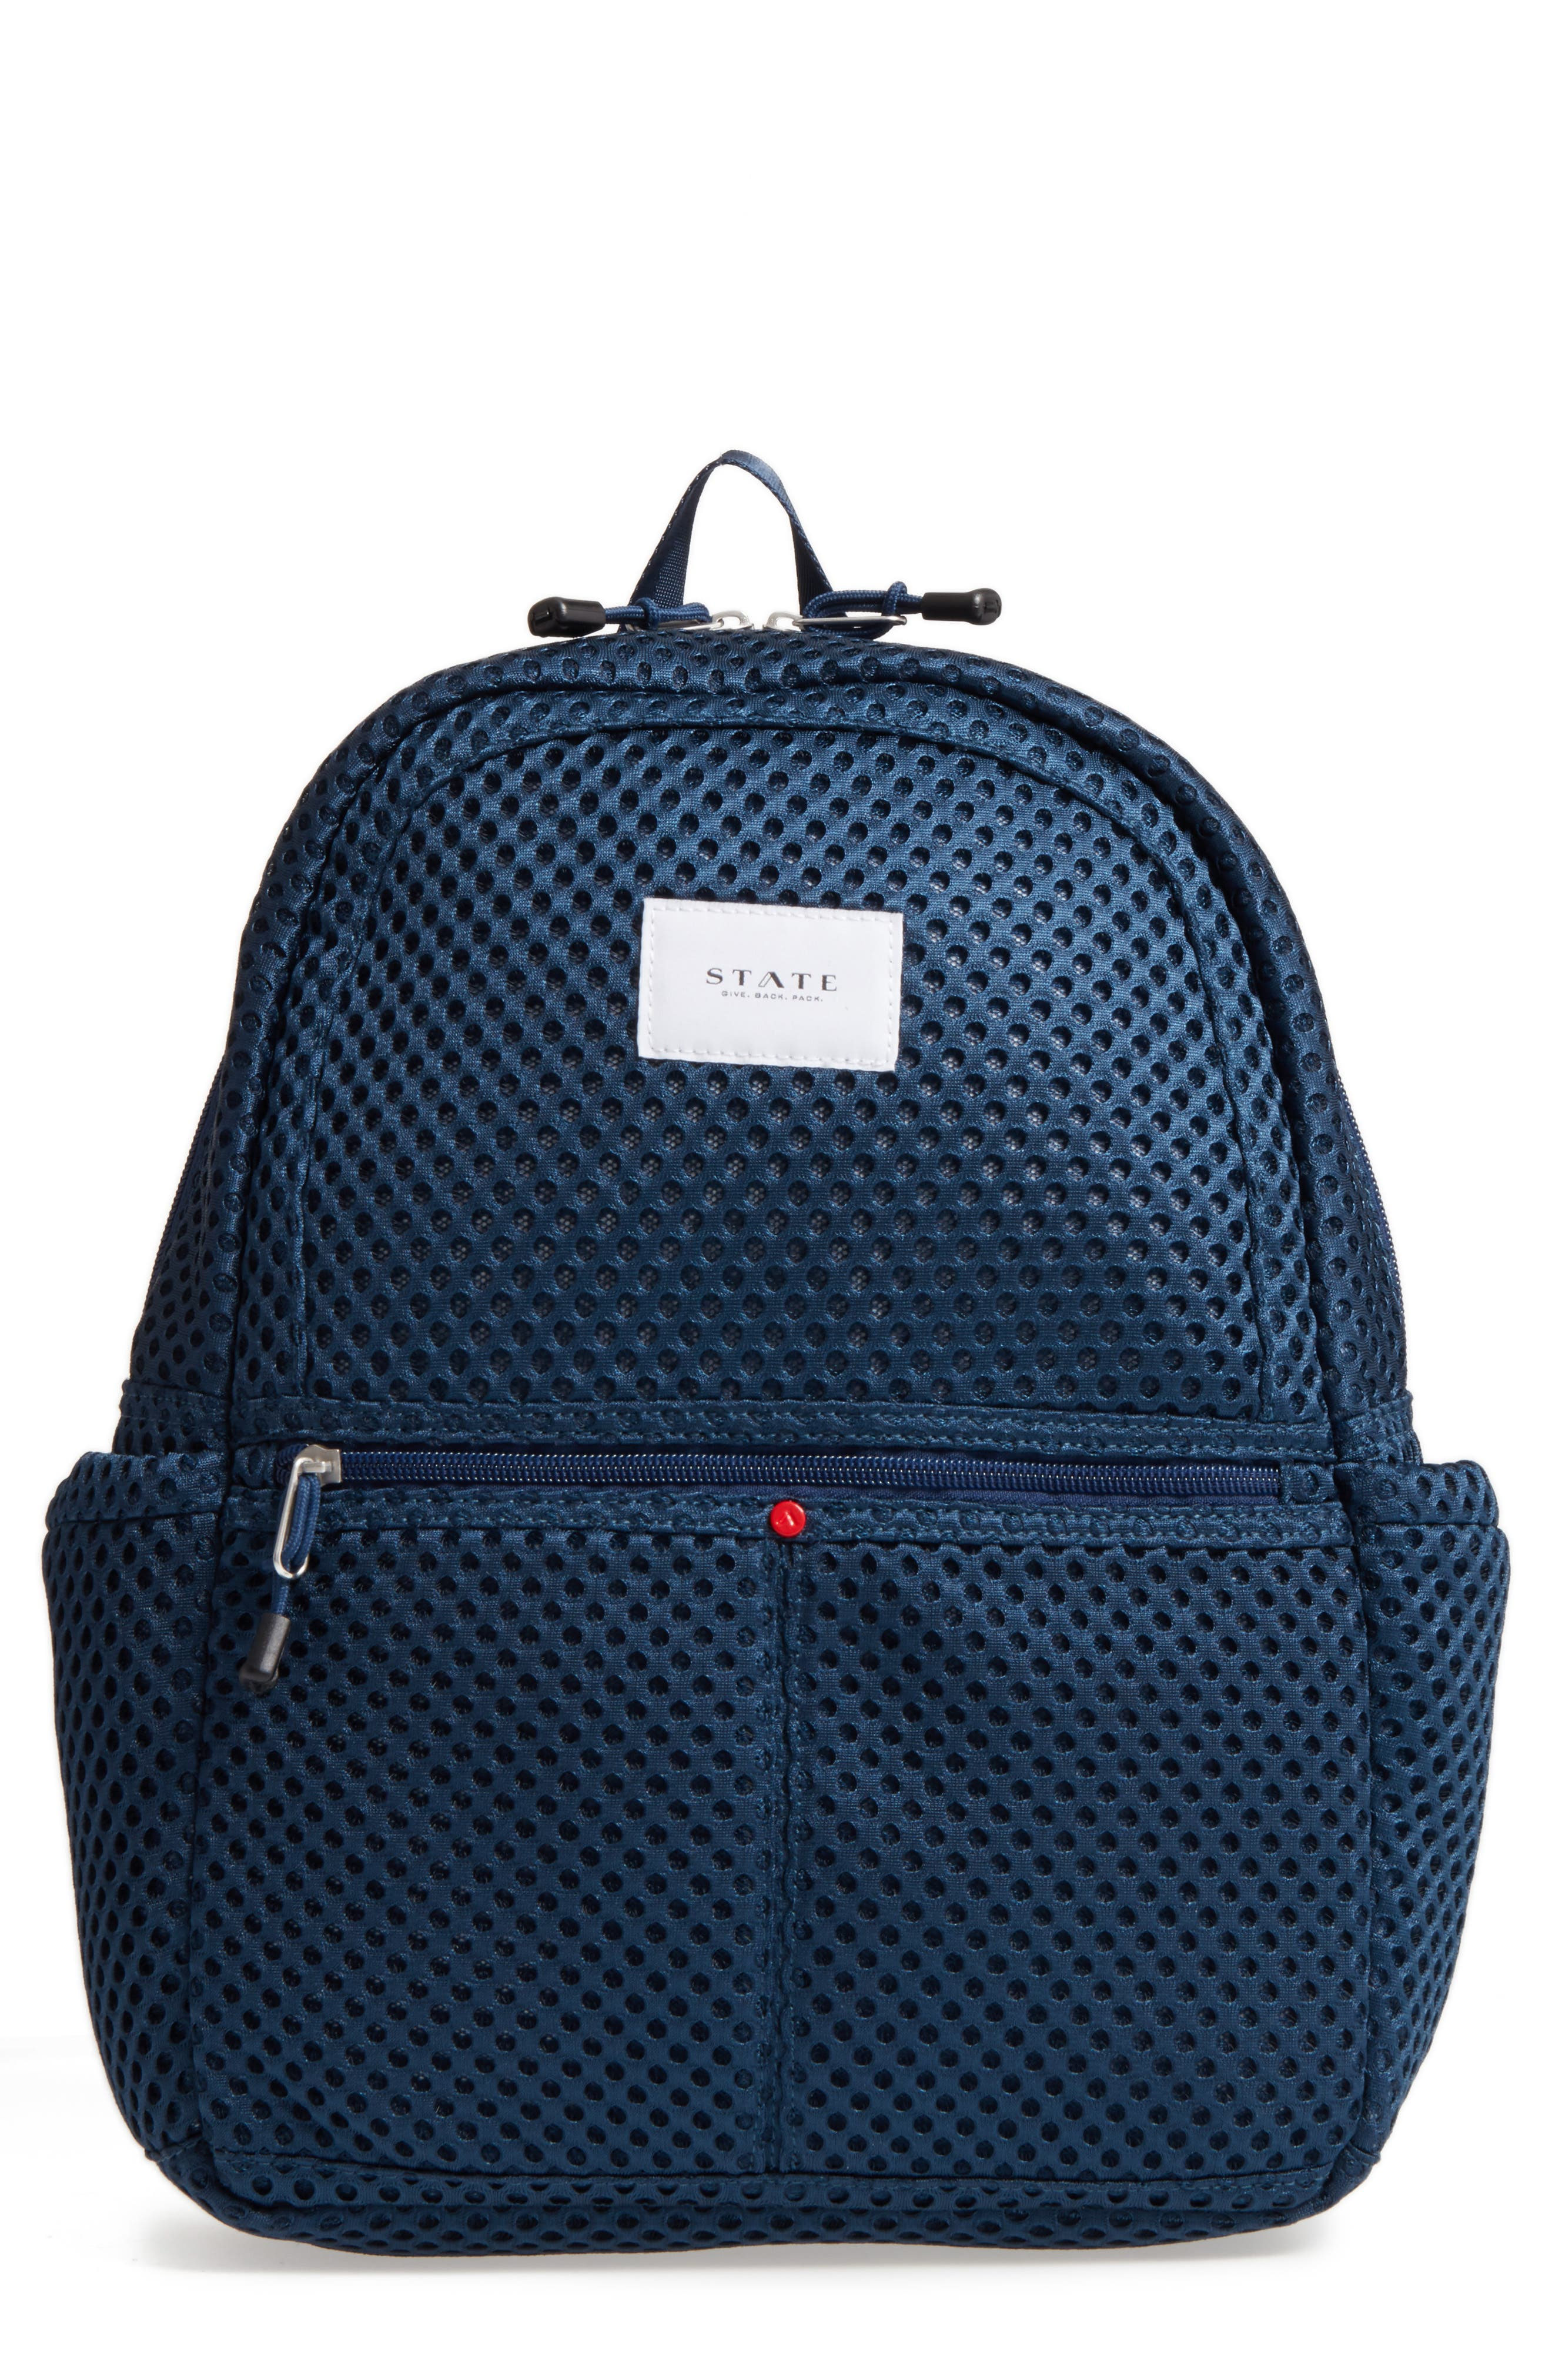 STATE Bags Lacrosse Mesh Kane Backpack (Kids)